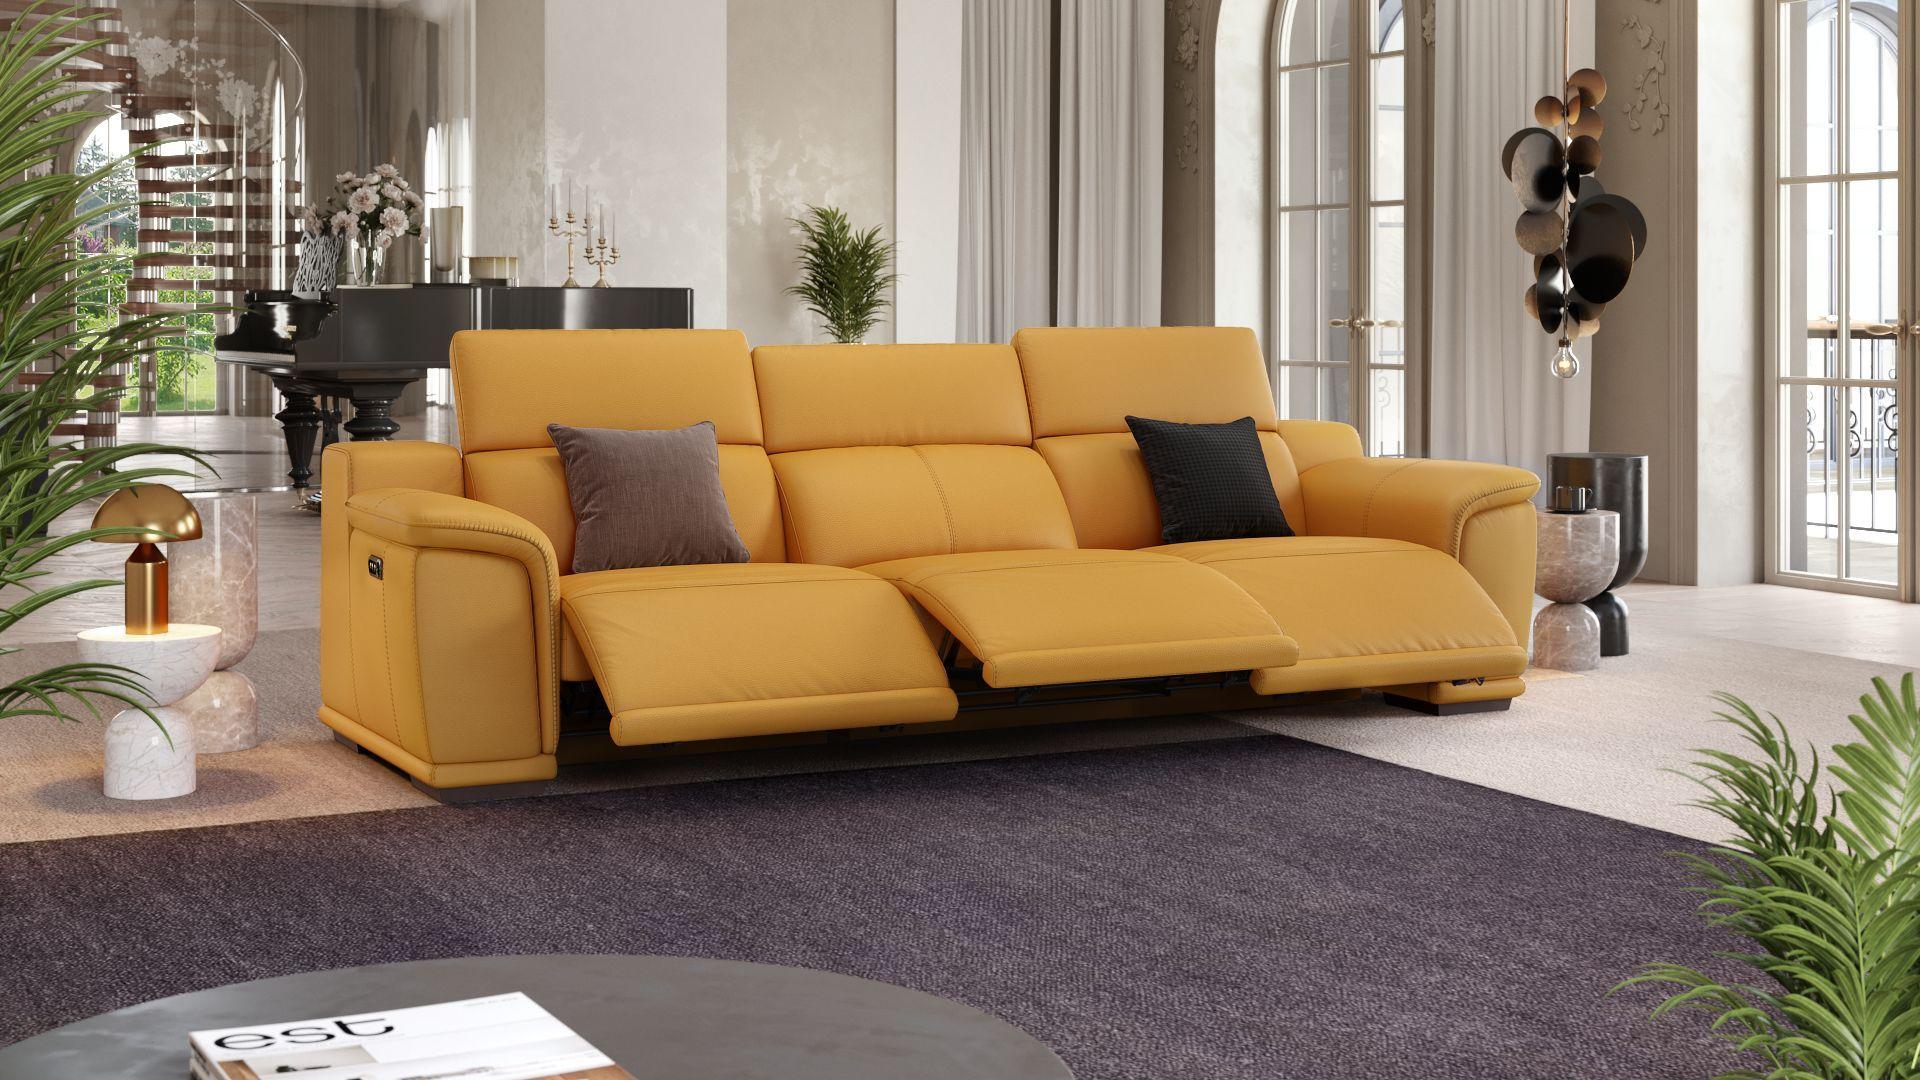 Montefino 3 Sitzer Sofa Relaxsofa Mit Funktion Sofanella Sofa Mit Relaxfunktion Haus Deko Haus